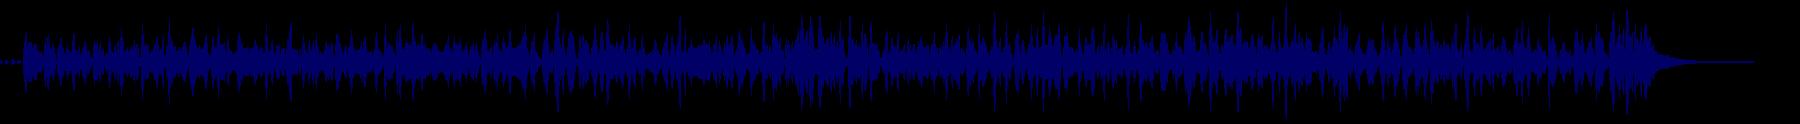 waveform of track #71786